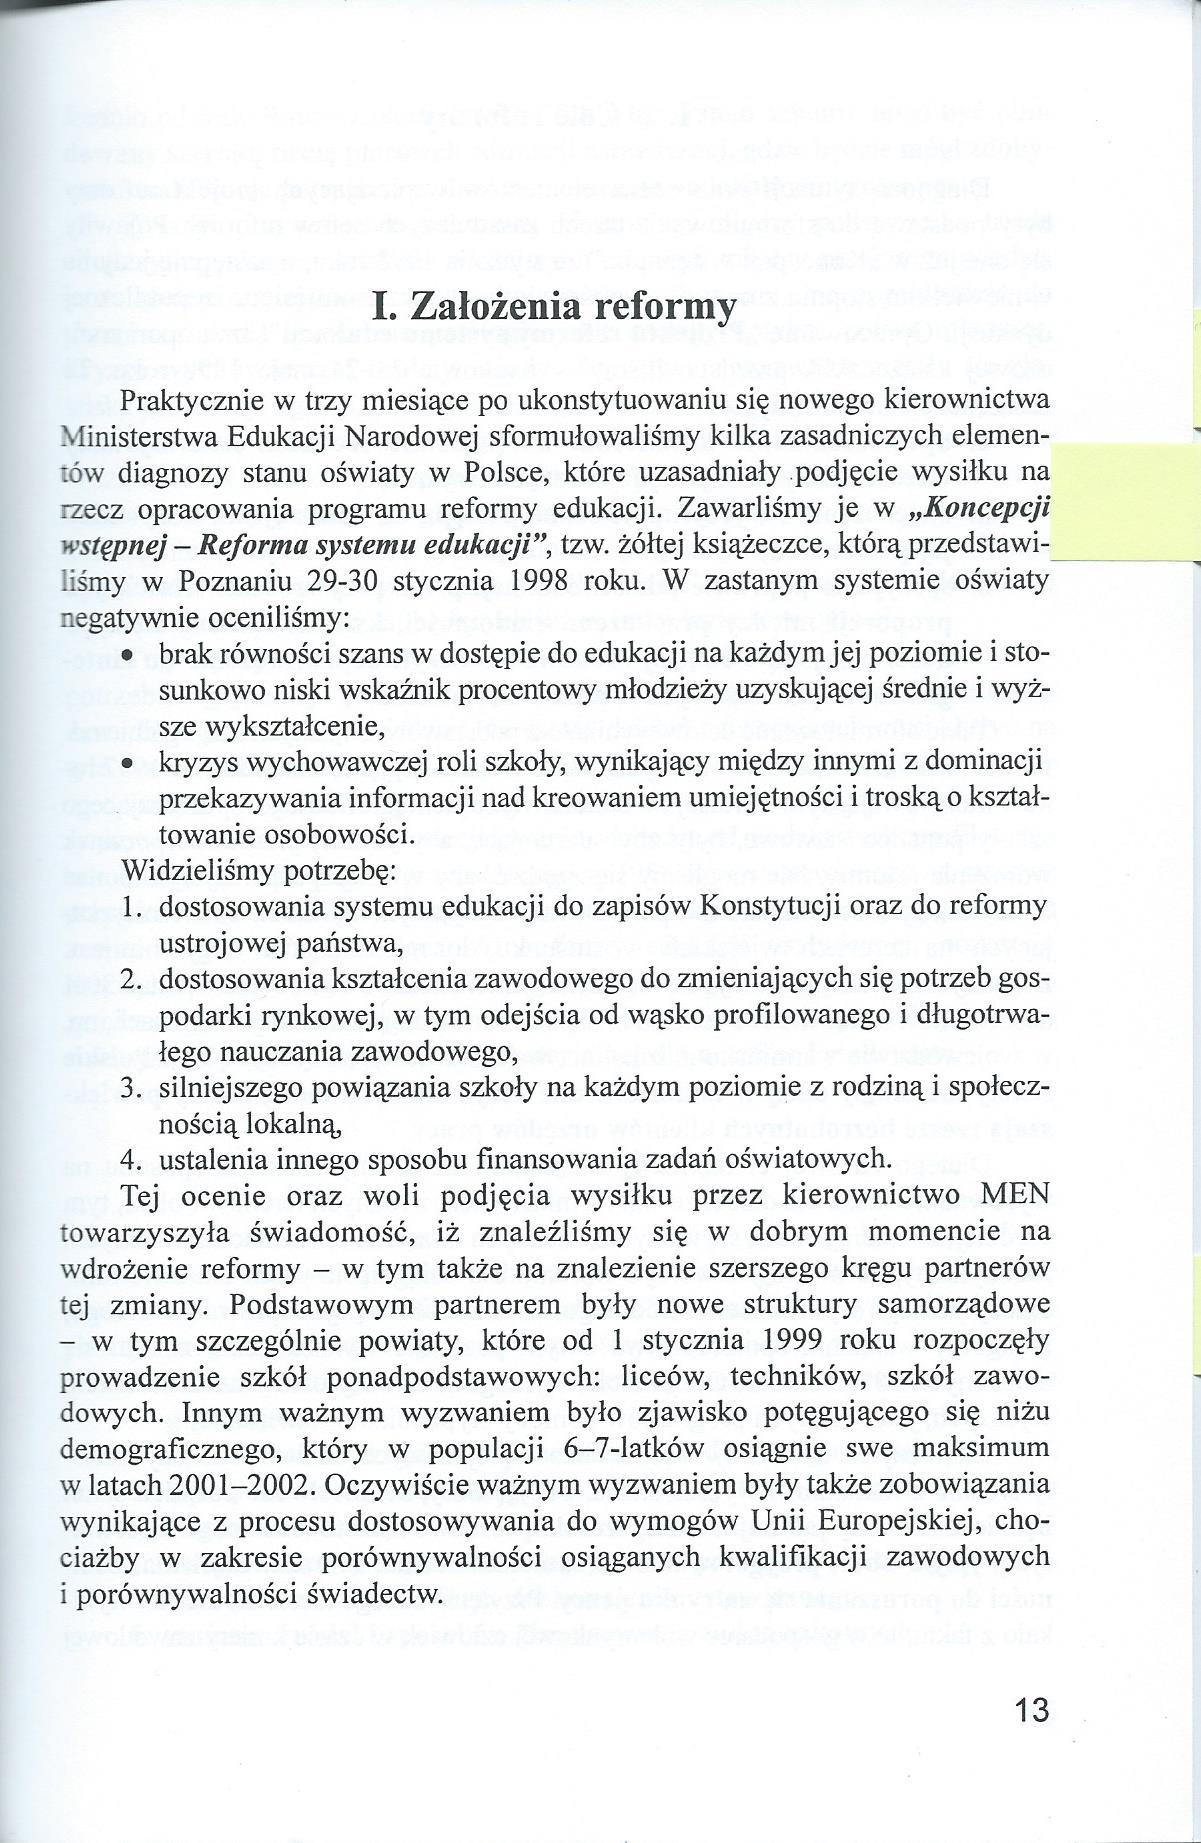 Rzecz o reformie edukacji 1997-2001 - Wojciech Ksiazek0001